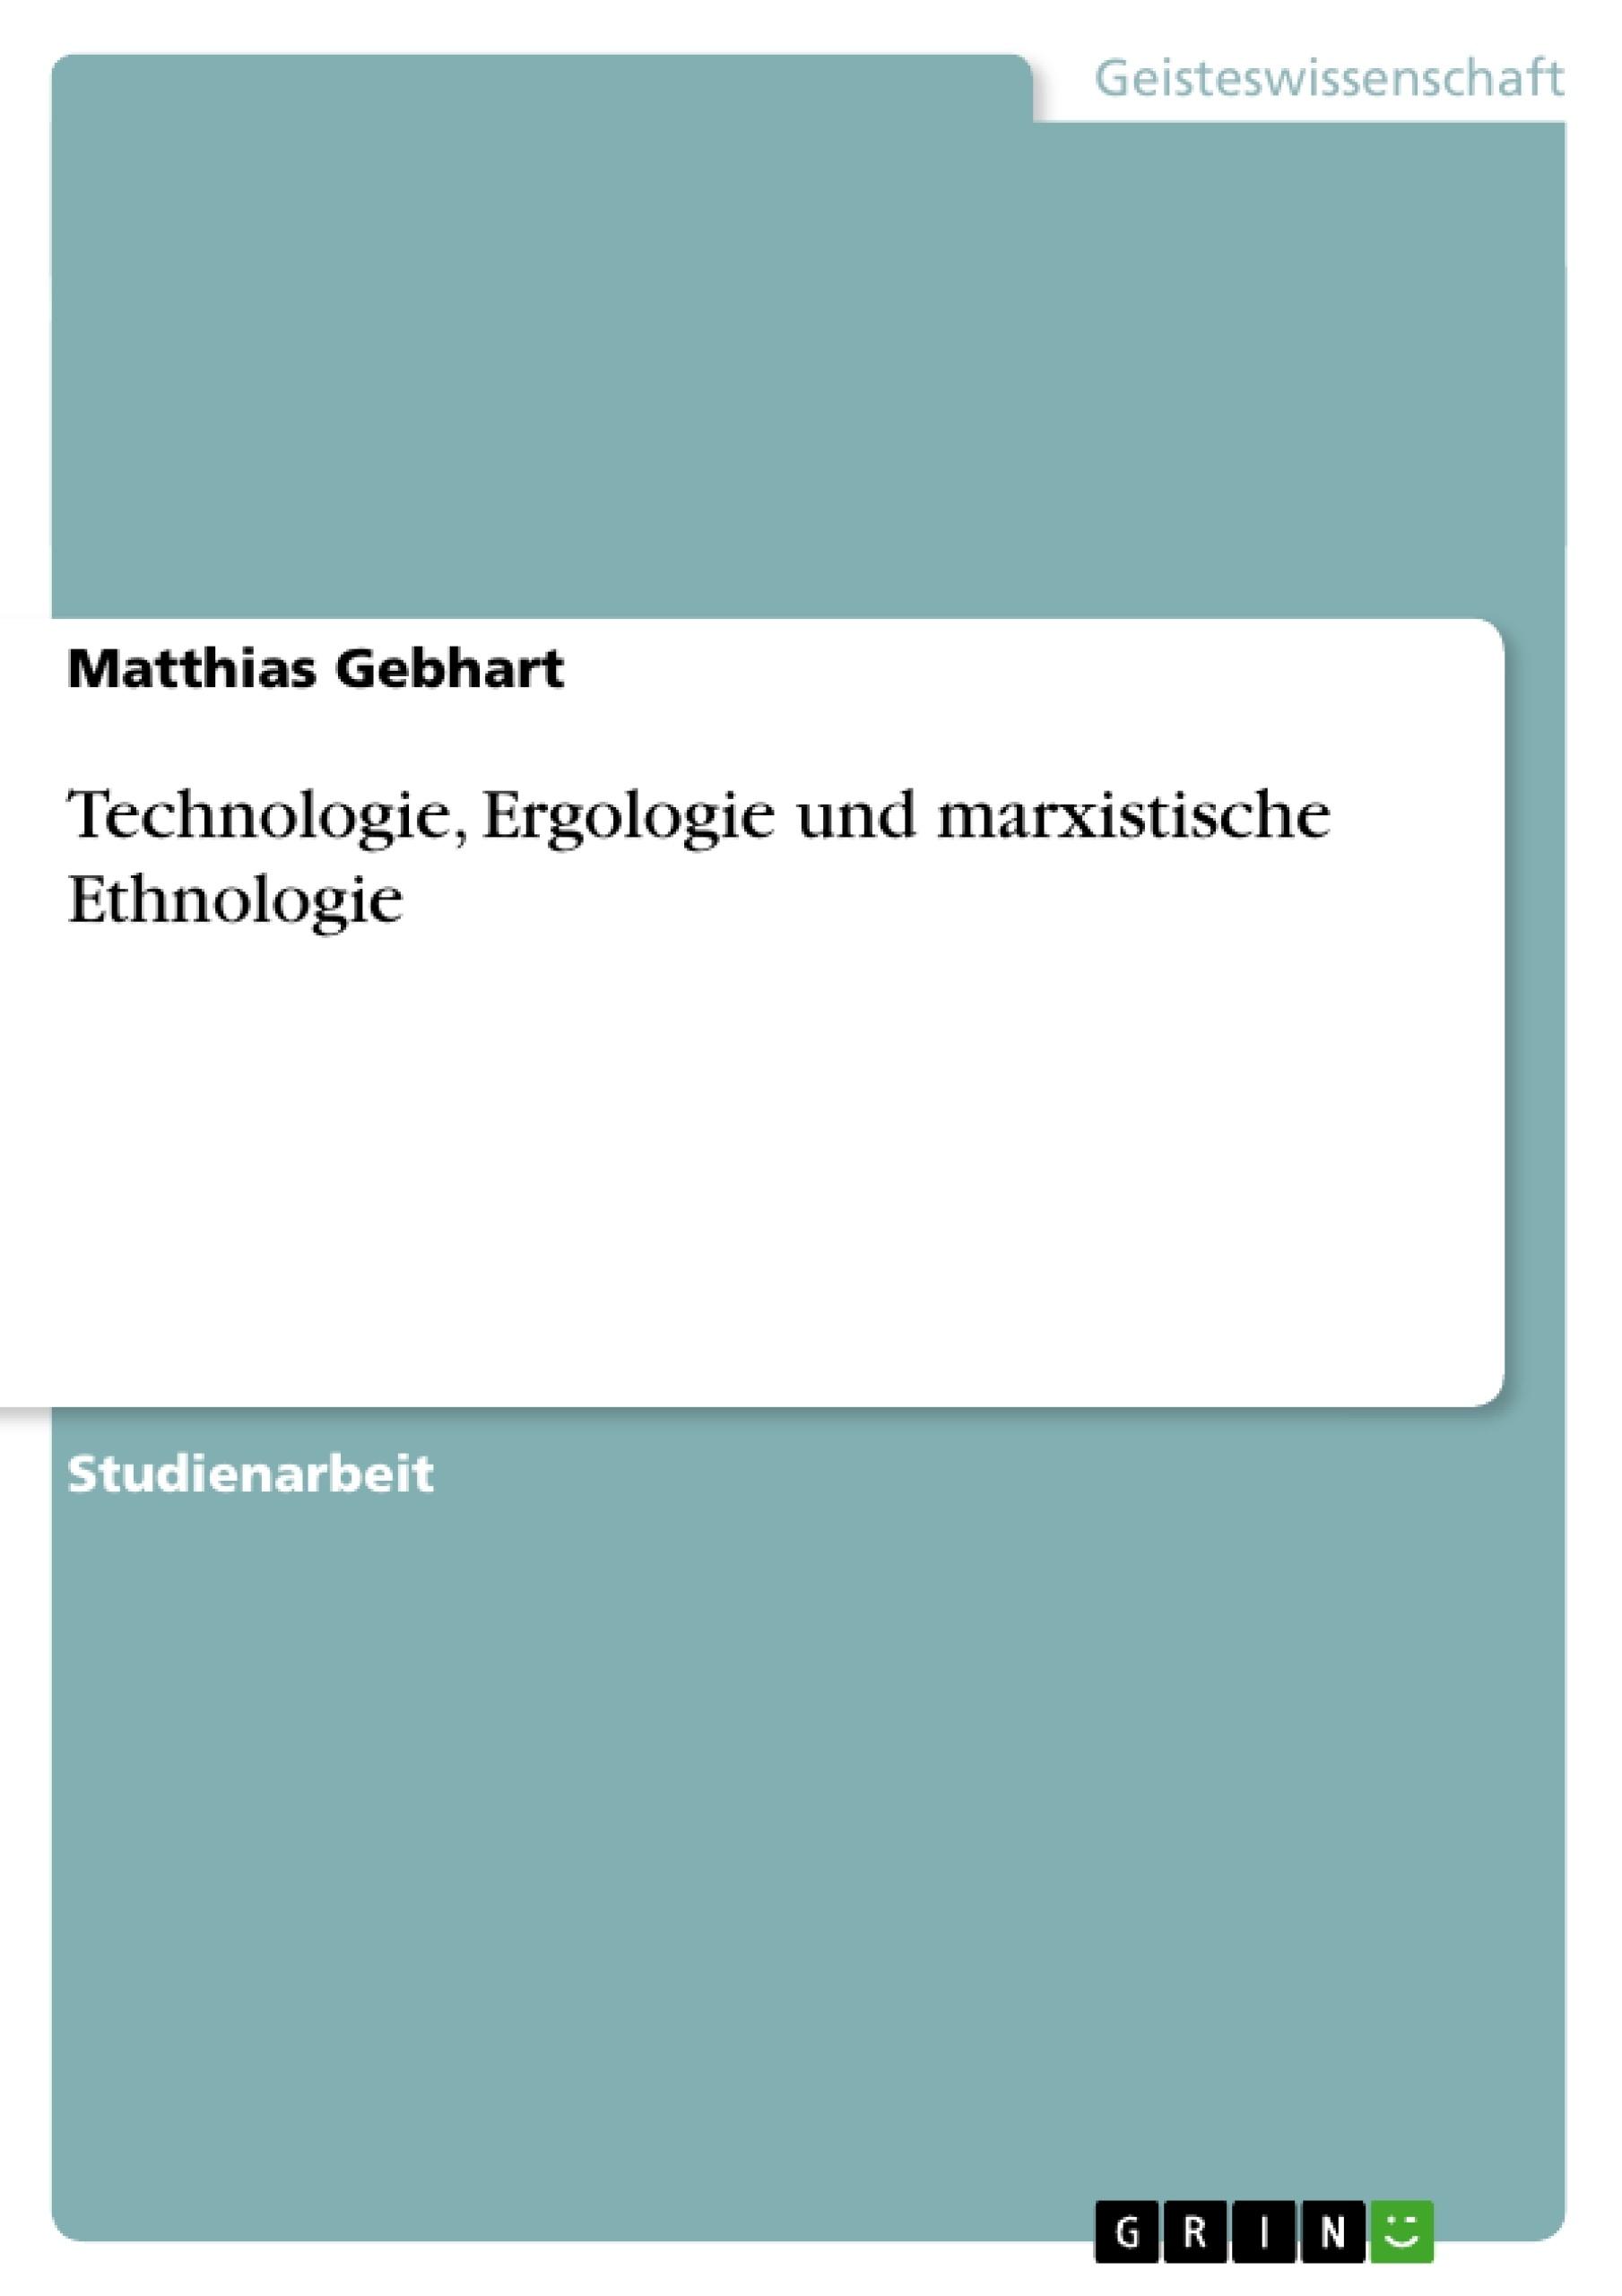 Titel: Technologie, Ergologie und marxistische Ethnologie